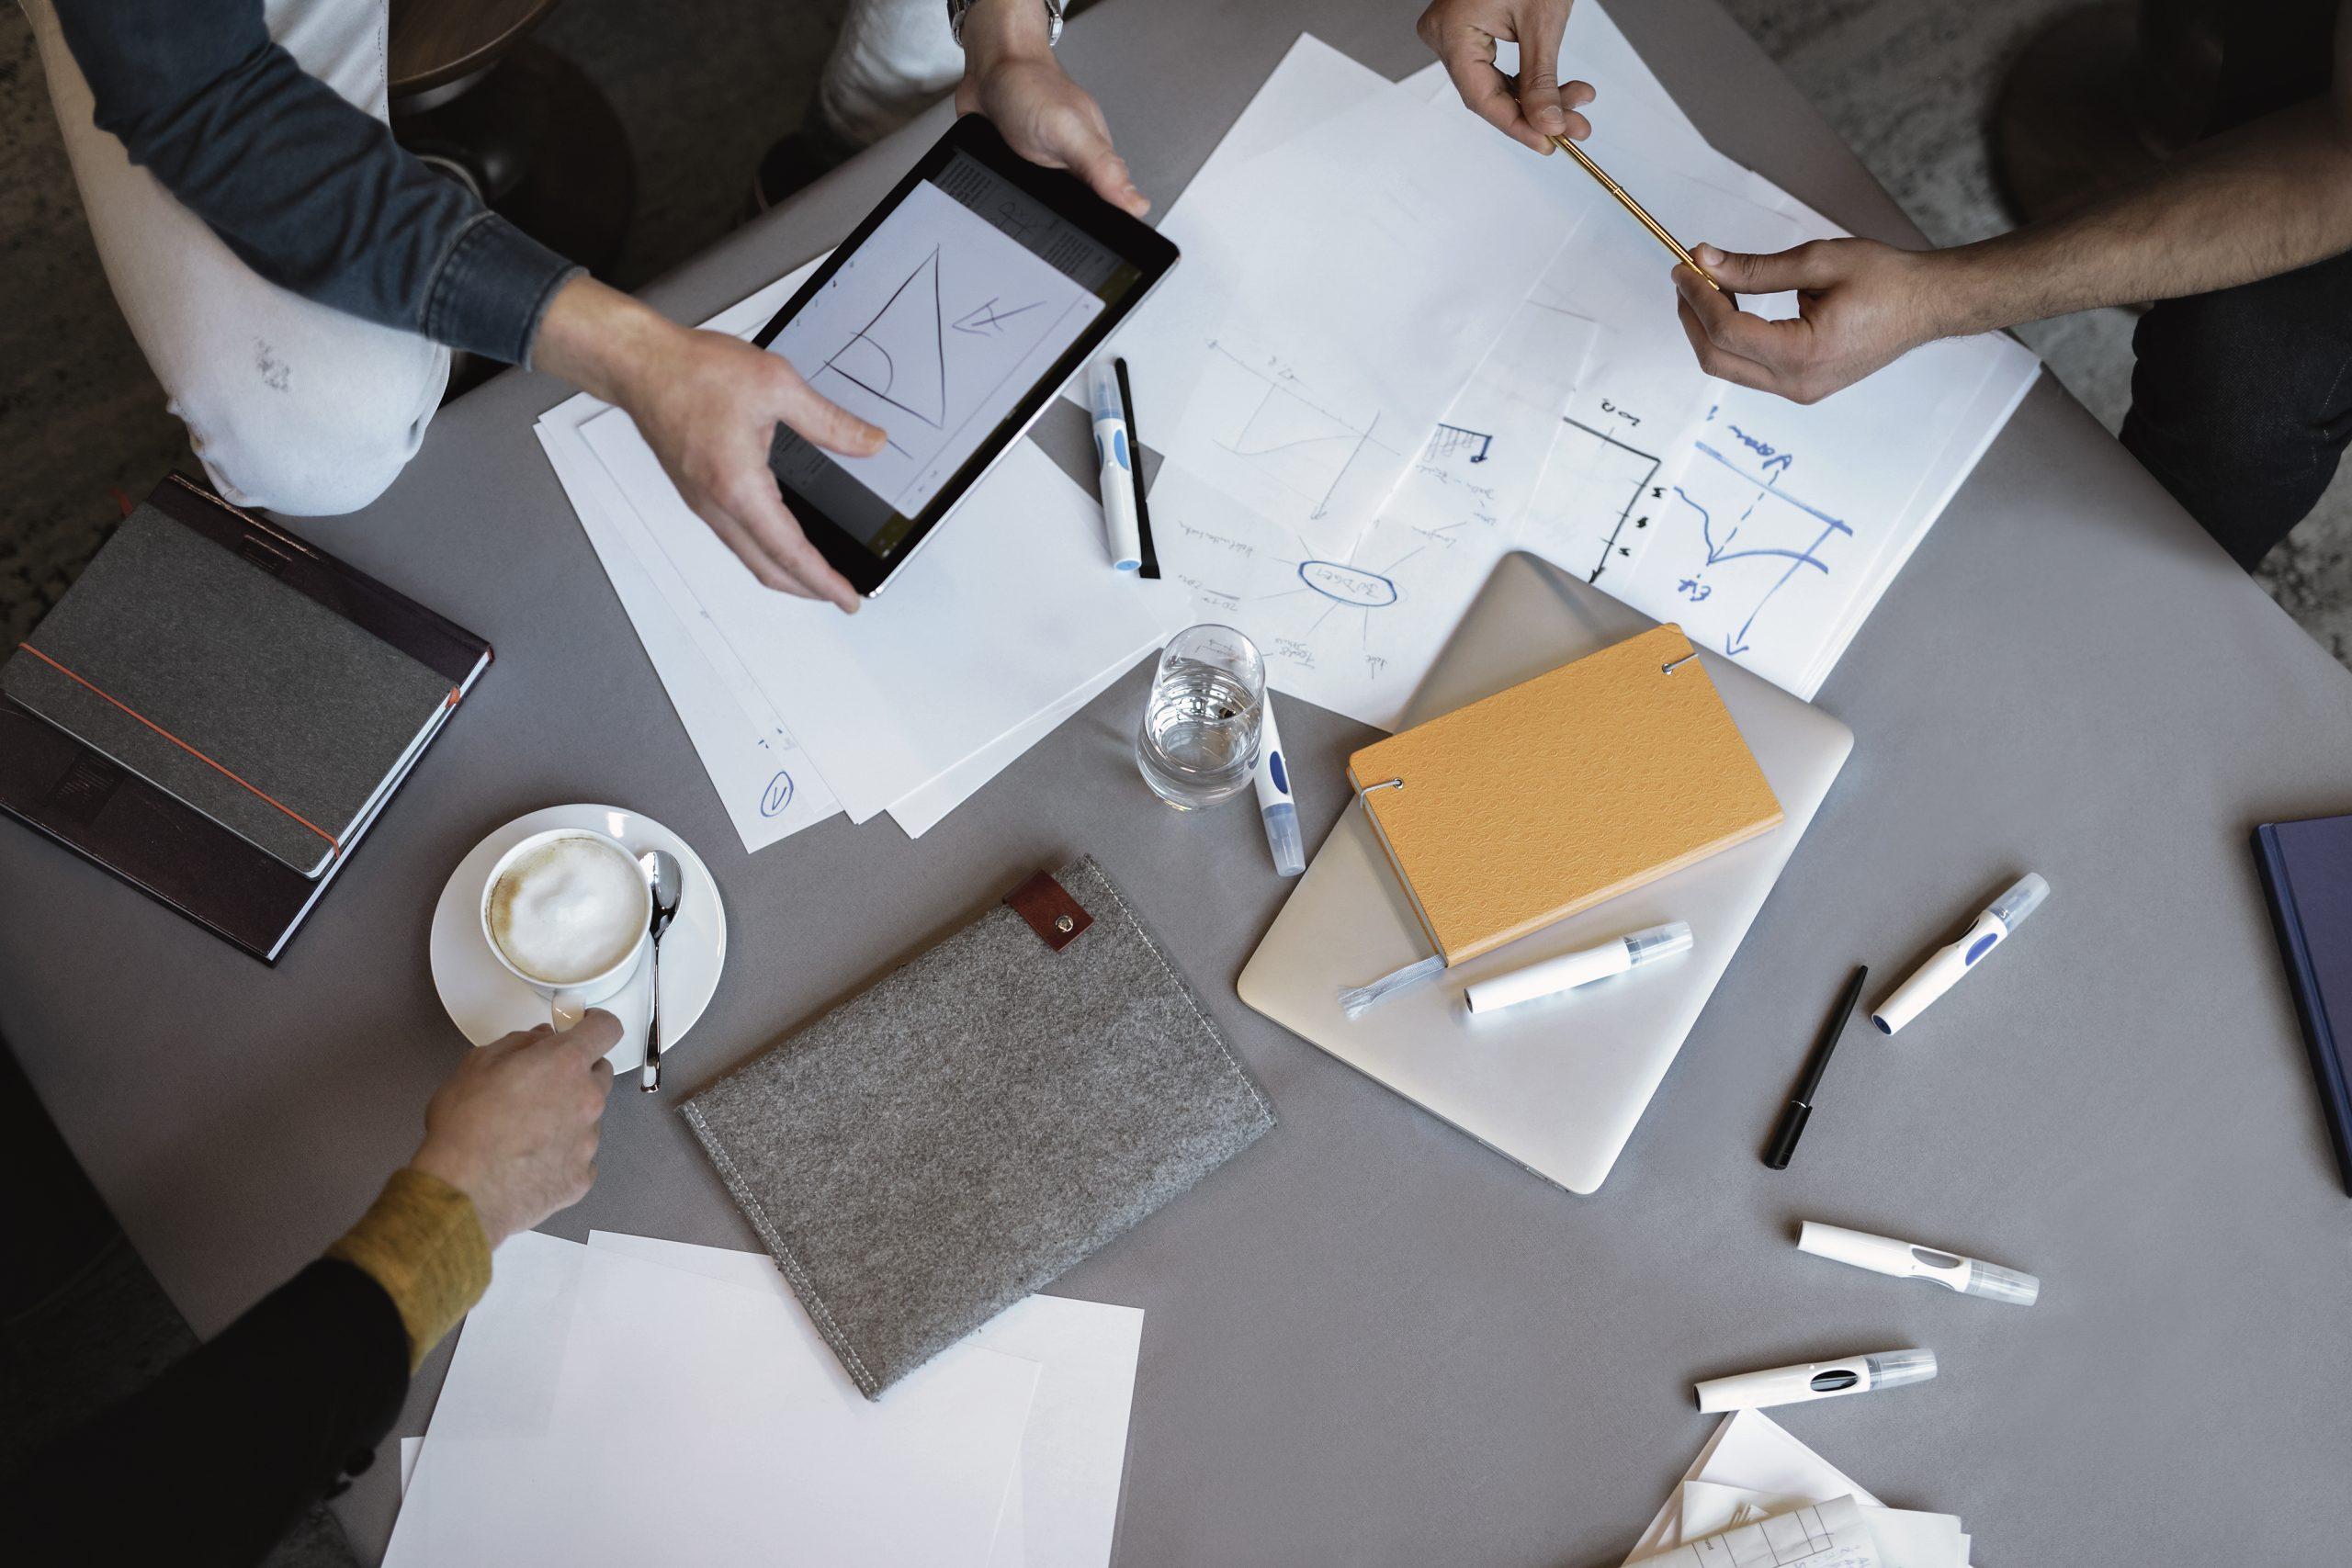 Det giver oftest mere udbytte når for eksempel forretningspartnere kan mødes fysisk, fremfor at interagere via en skærm, viser undersøgelse fra Accor Hotels. PR-foto: Accor.